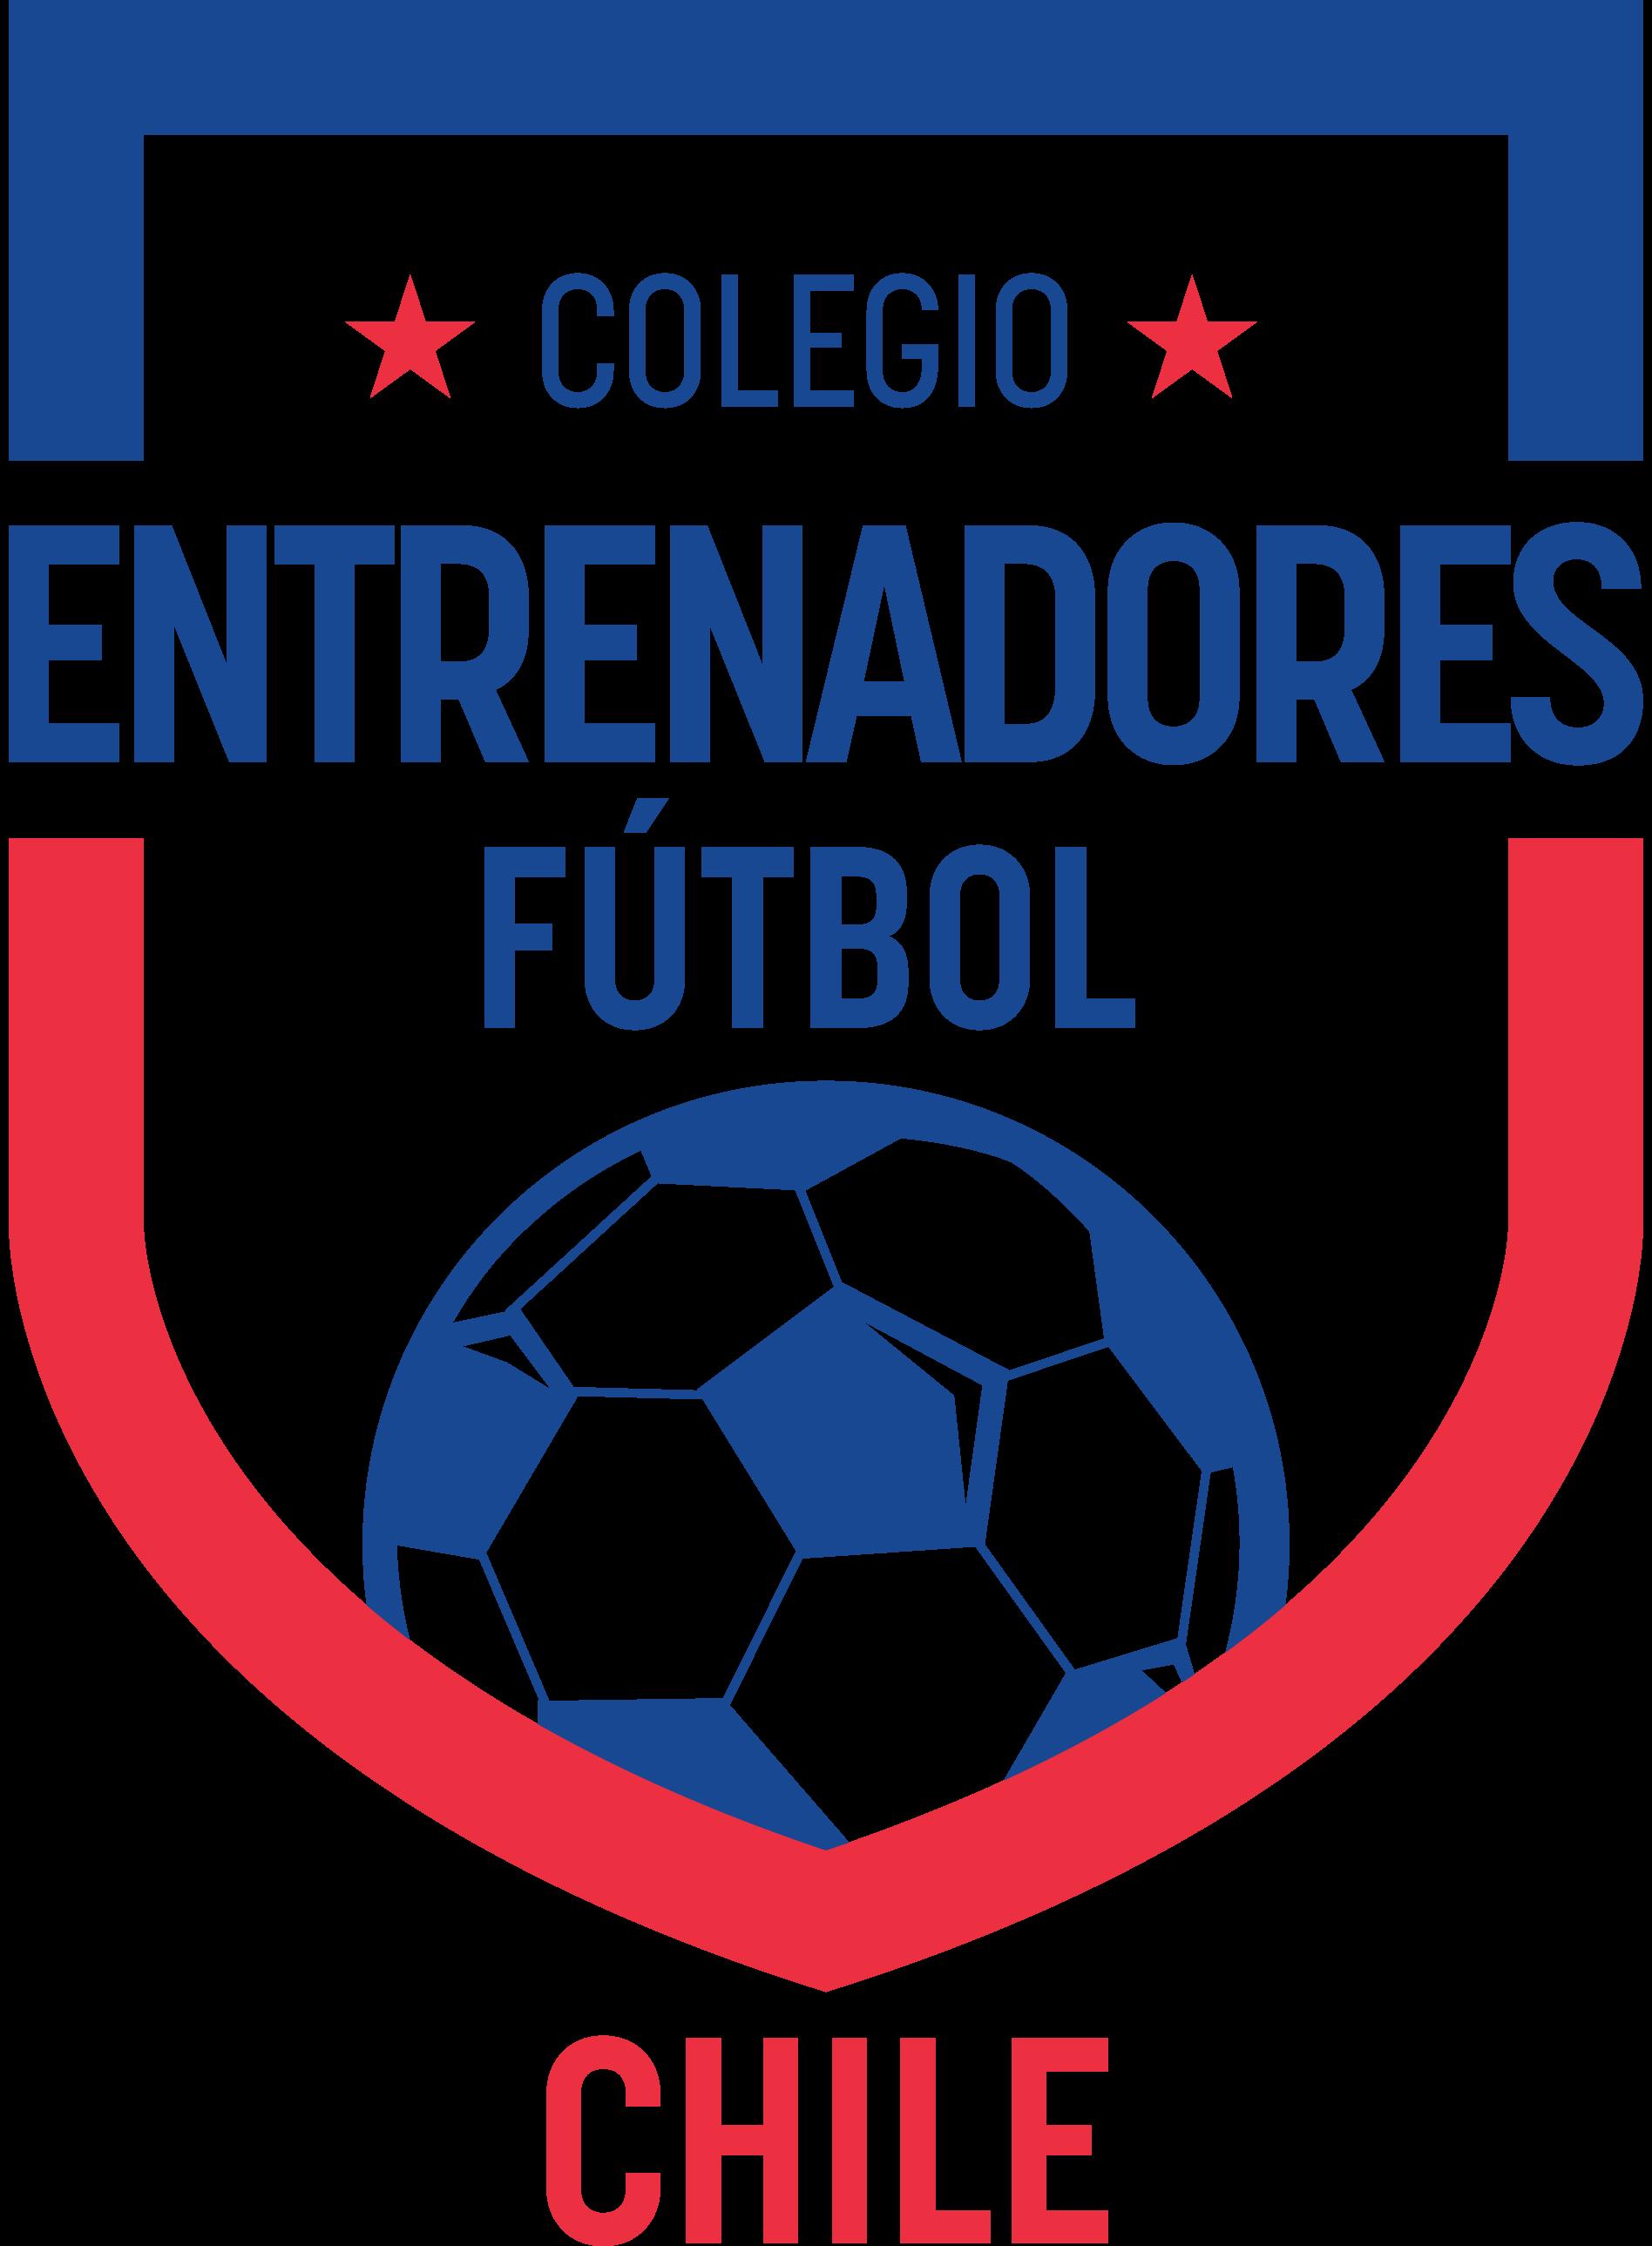 Colegio de Entrenadores de Fútbol CHILE